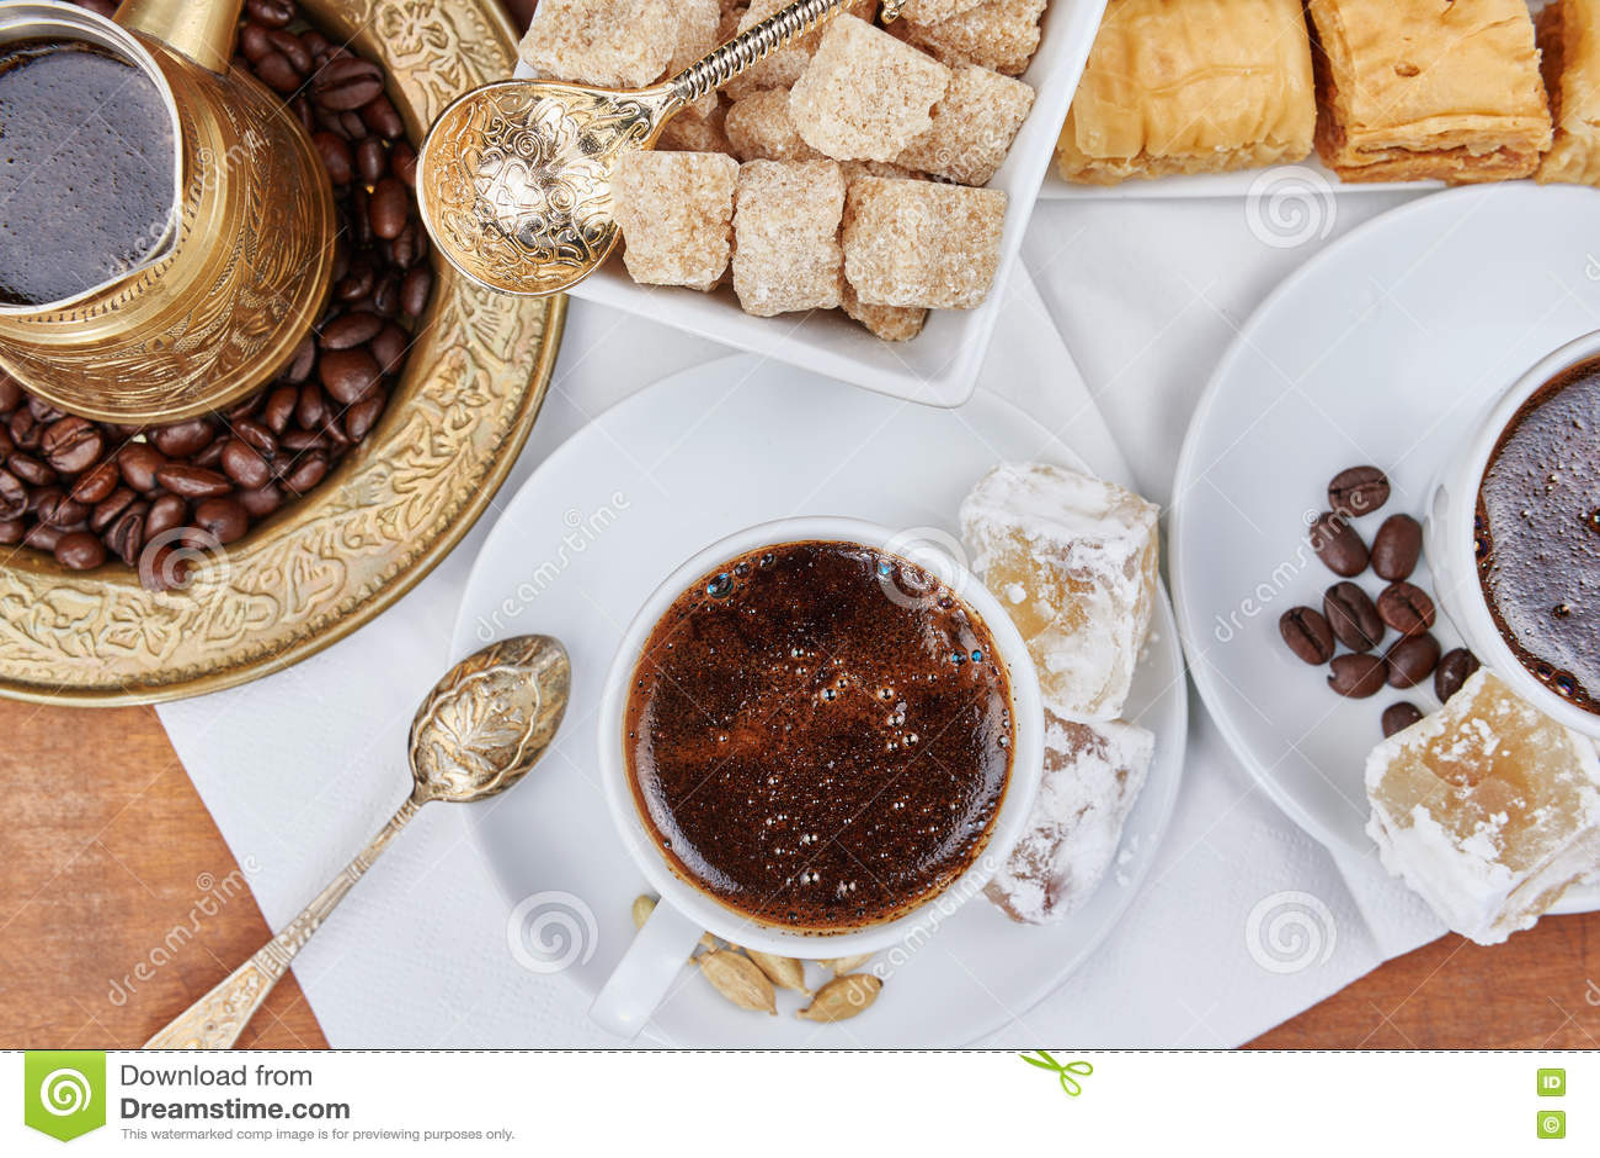 Café sólo turco tradicional